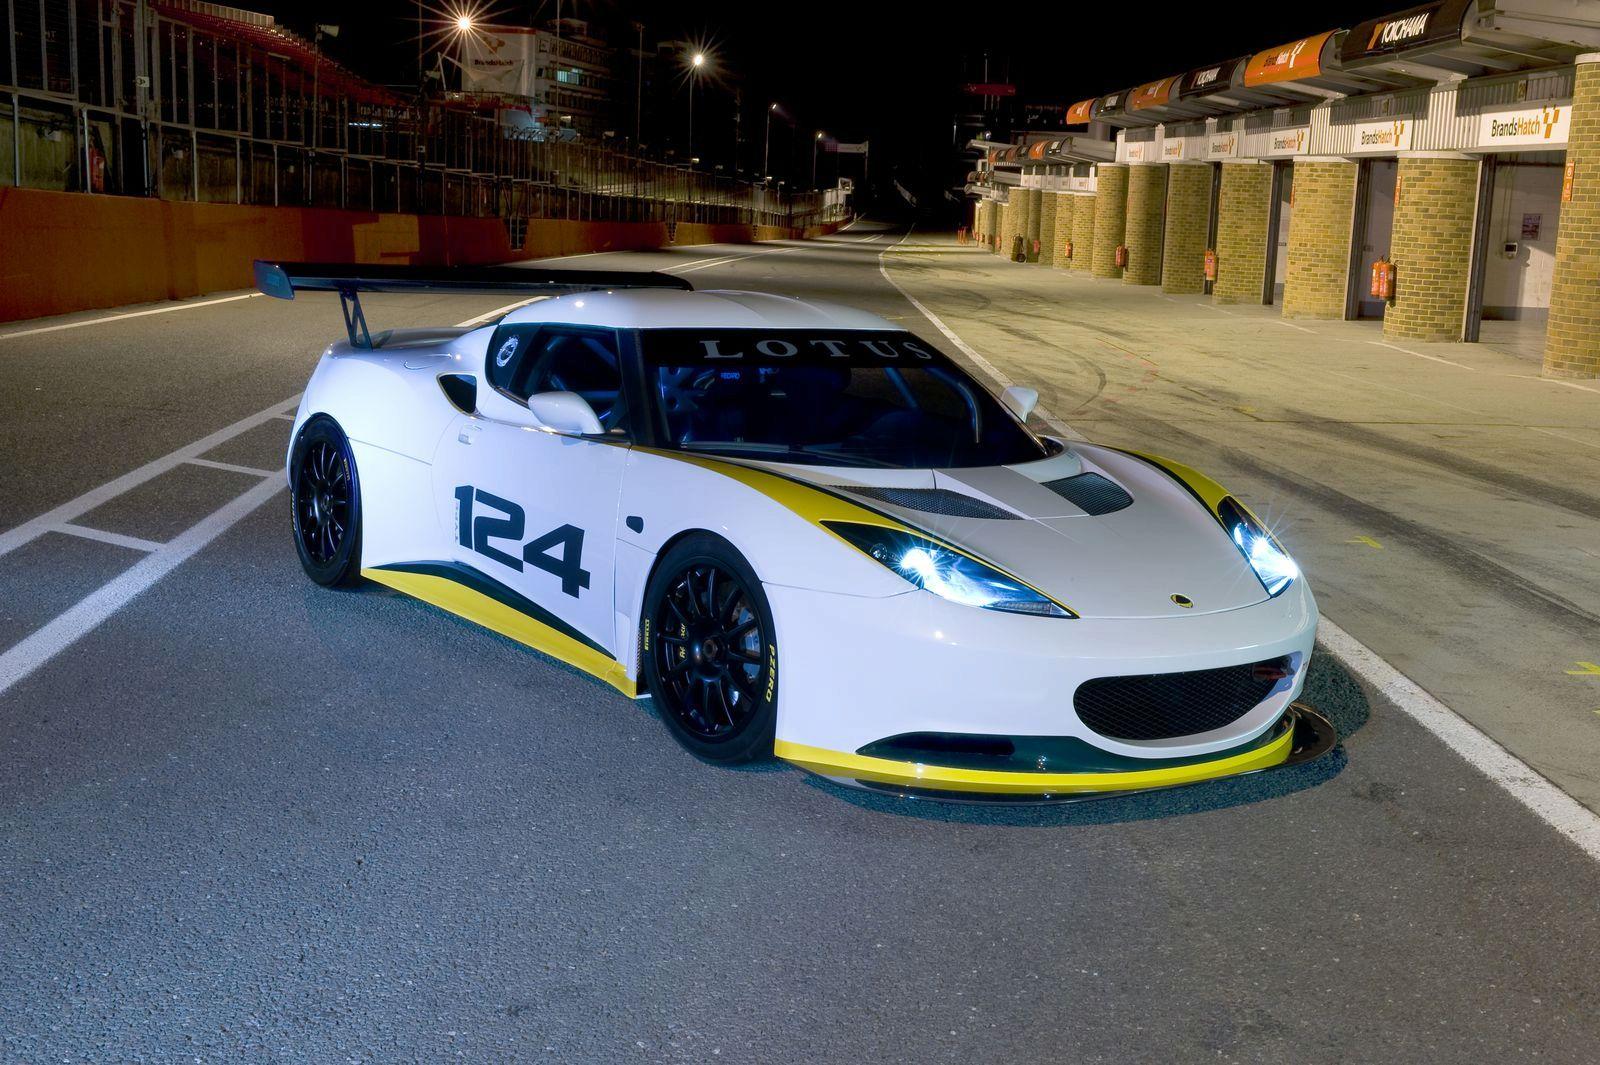 Ant Walpaper: 2010 lotus evora cup race car